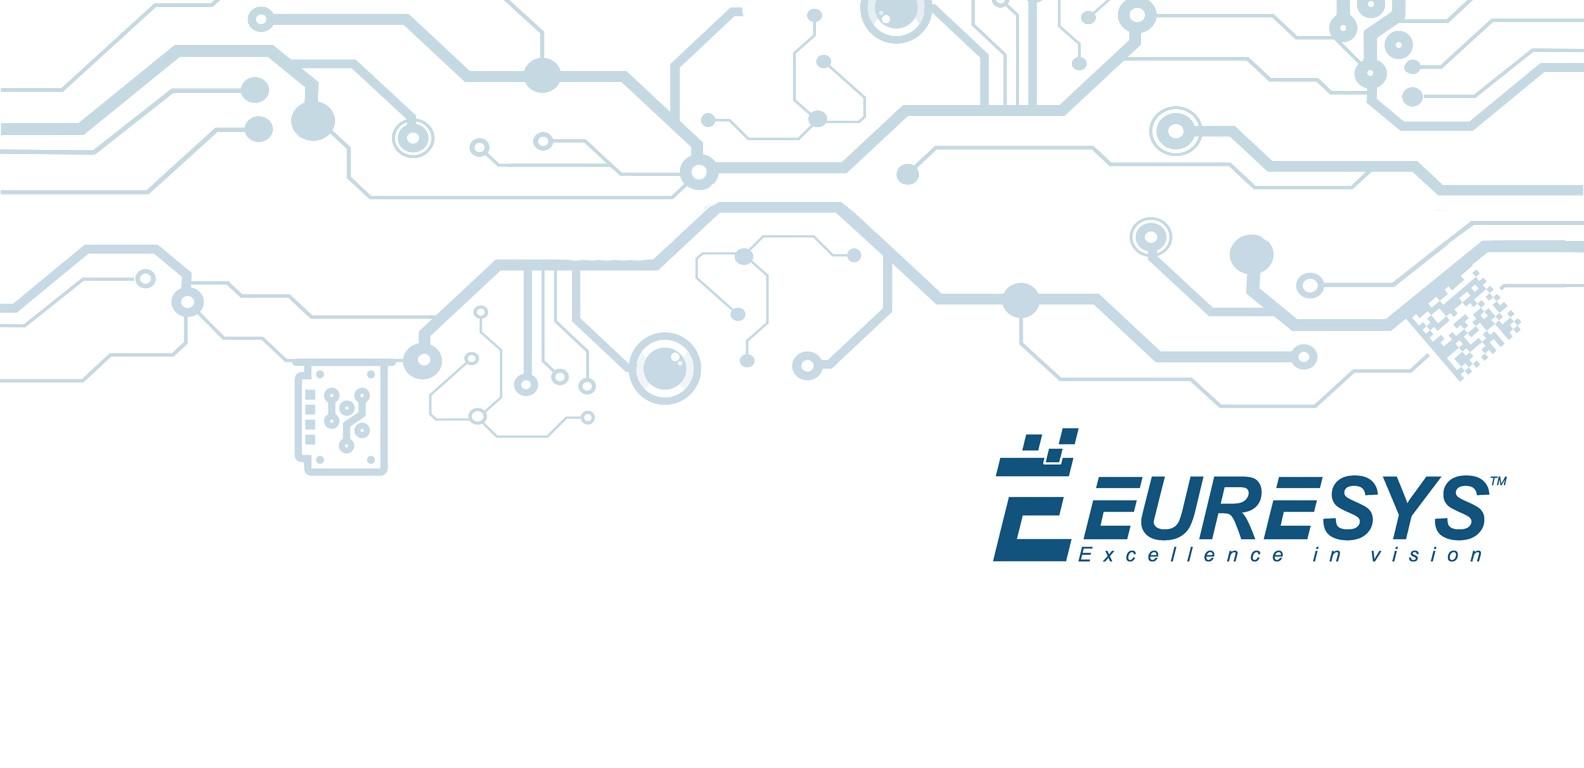 EURESYS | LinkedIn